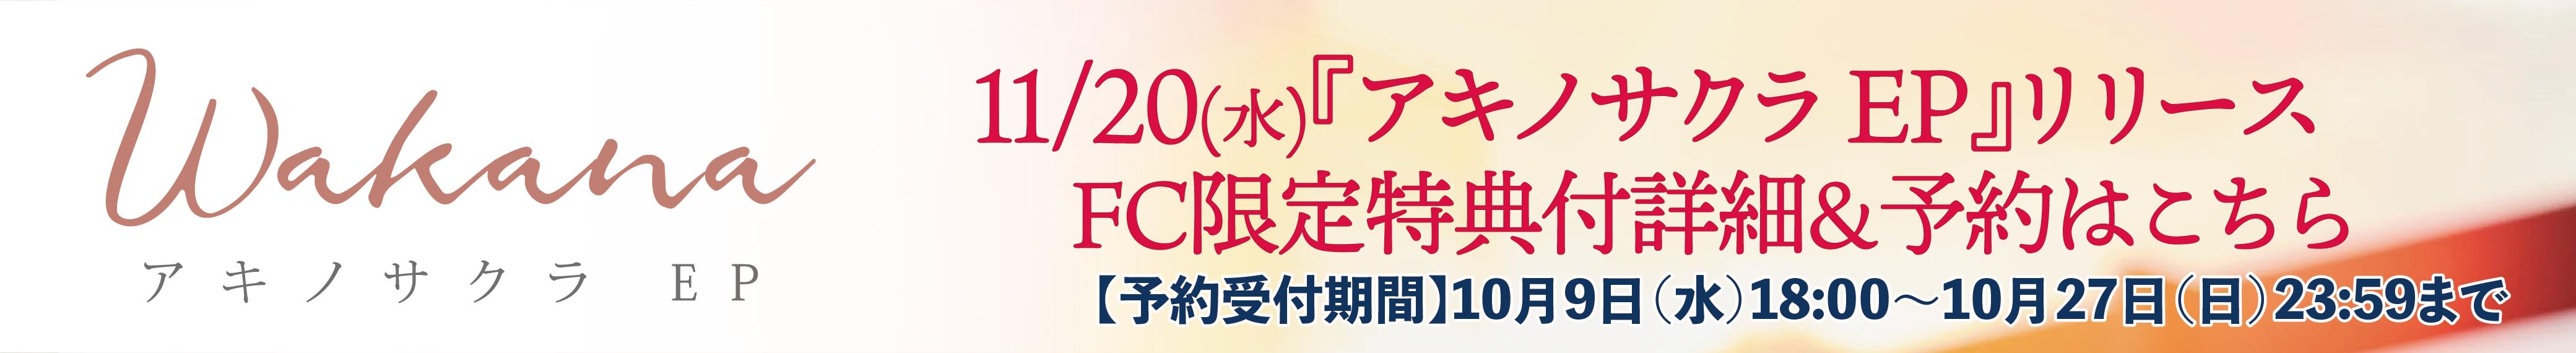 Wakana EP盤『アキノサクラEP』FC限定予約受付詳細!